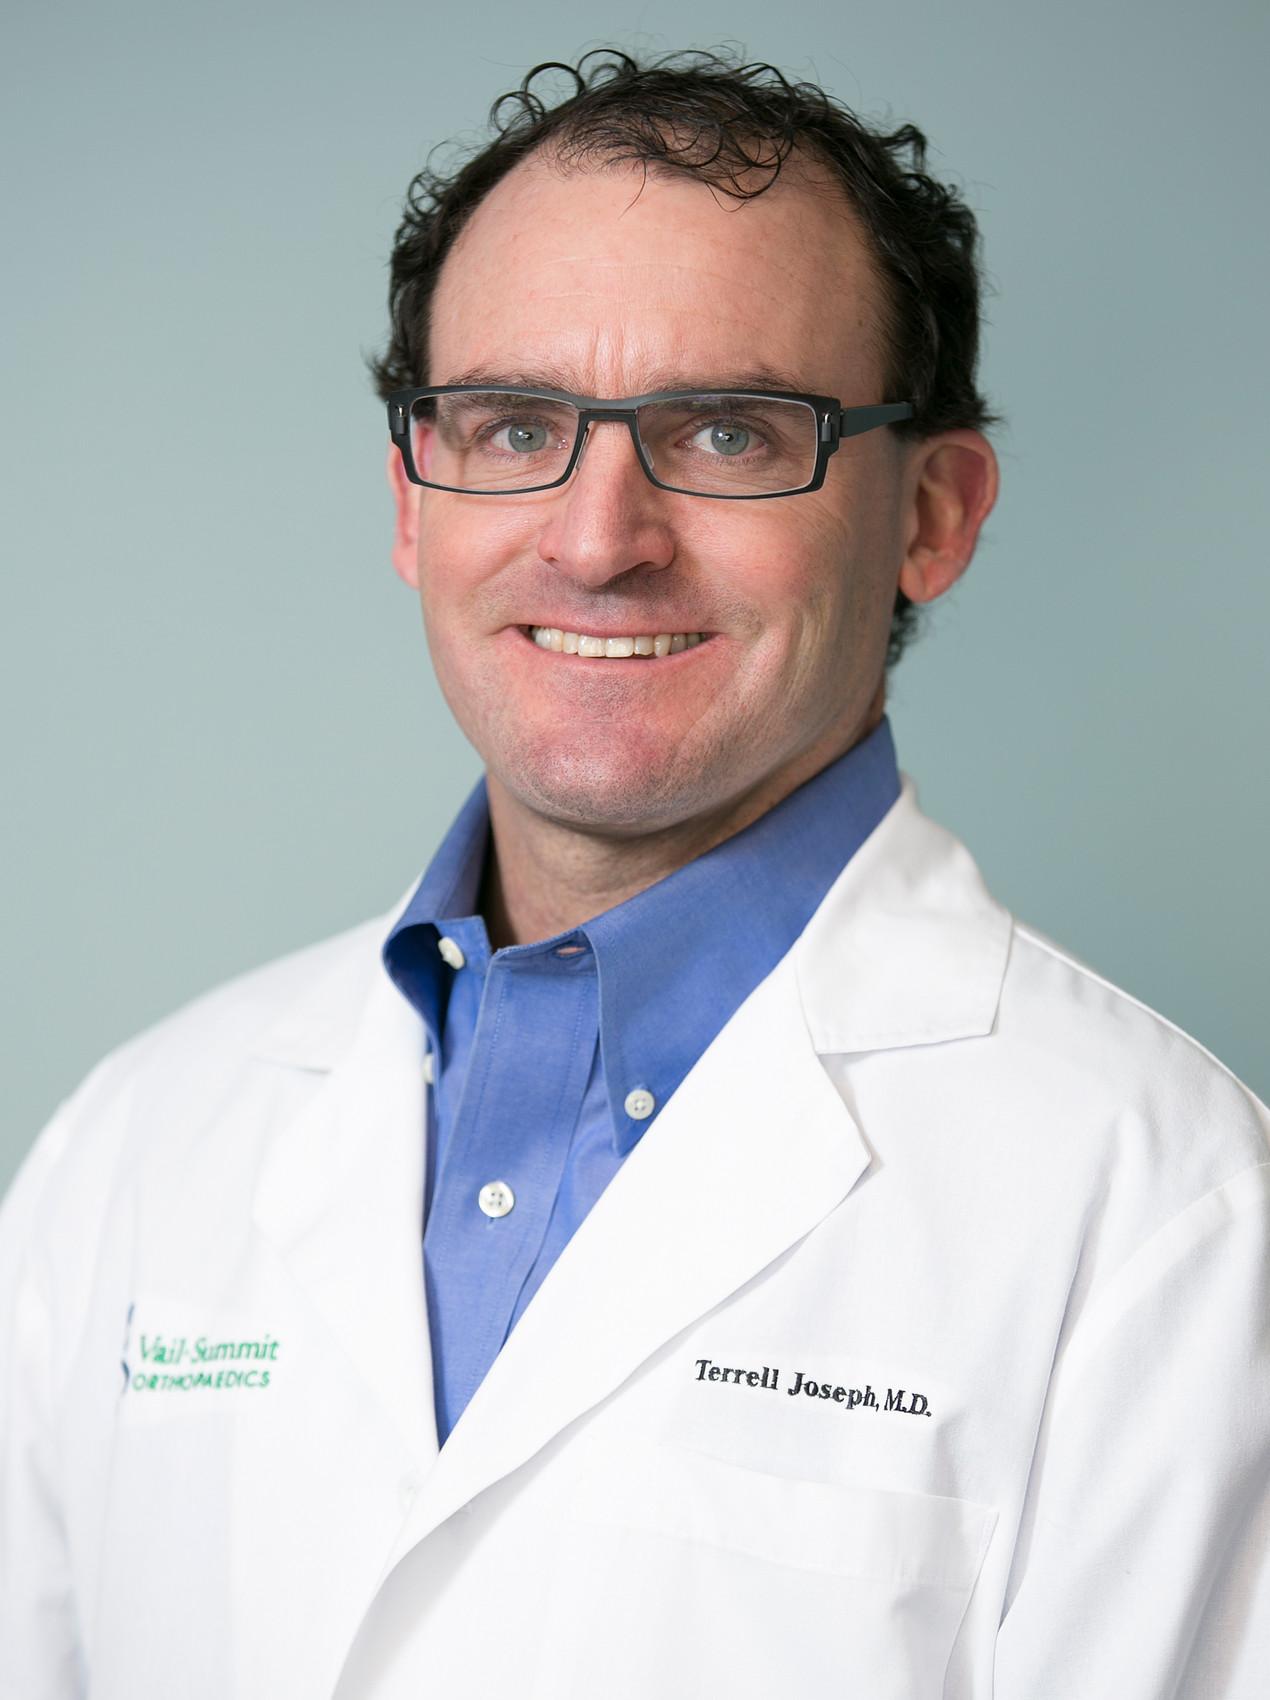 Dr. Terrell Joseph